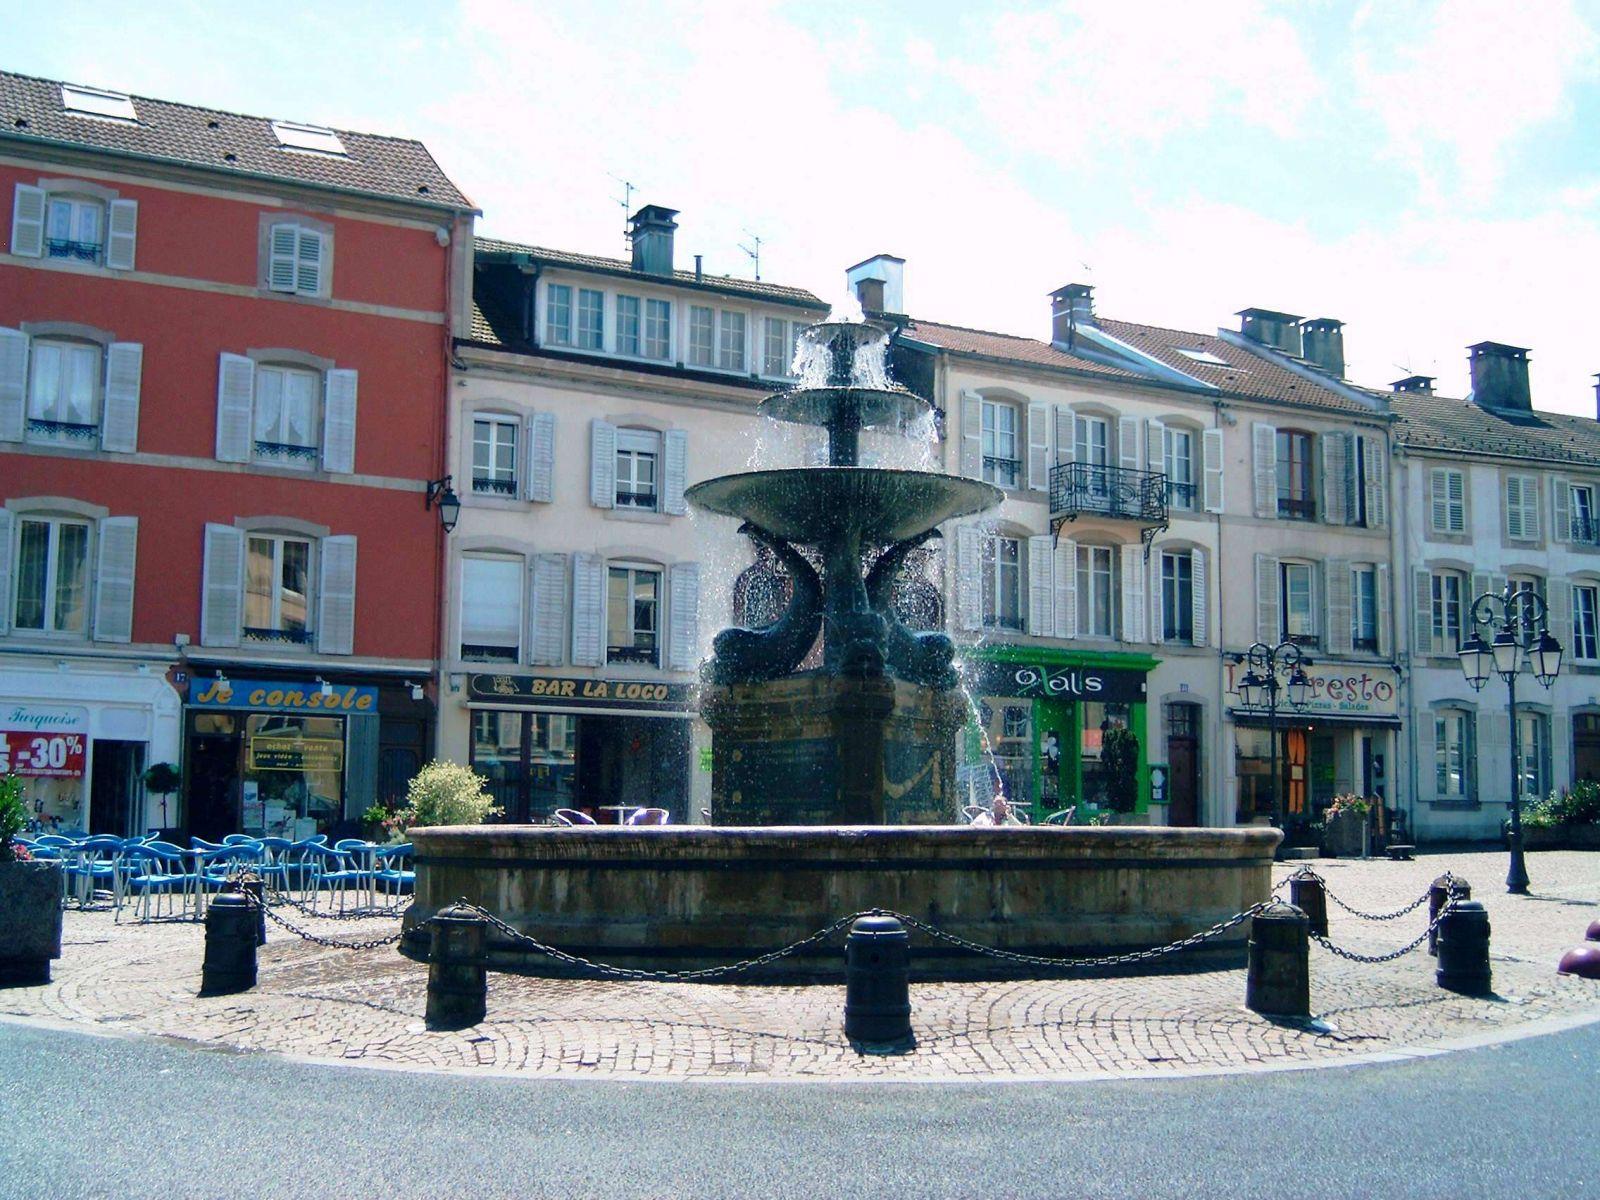 Les fontaines tourisme vosges - Office du tourisme remiremont ...